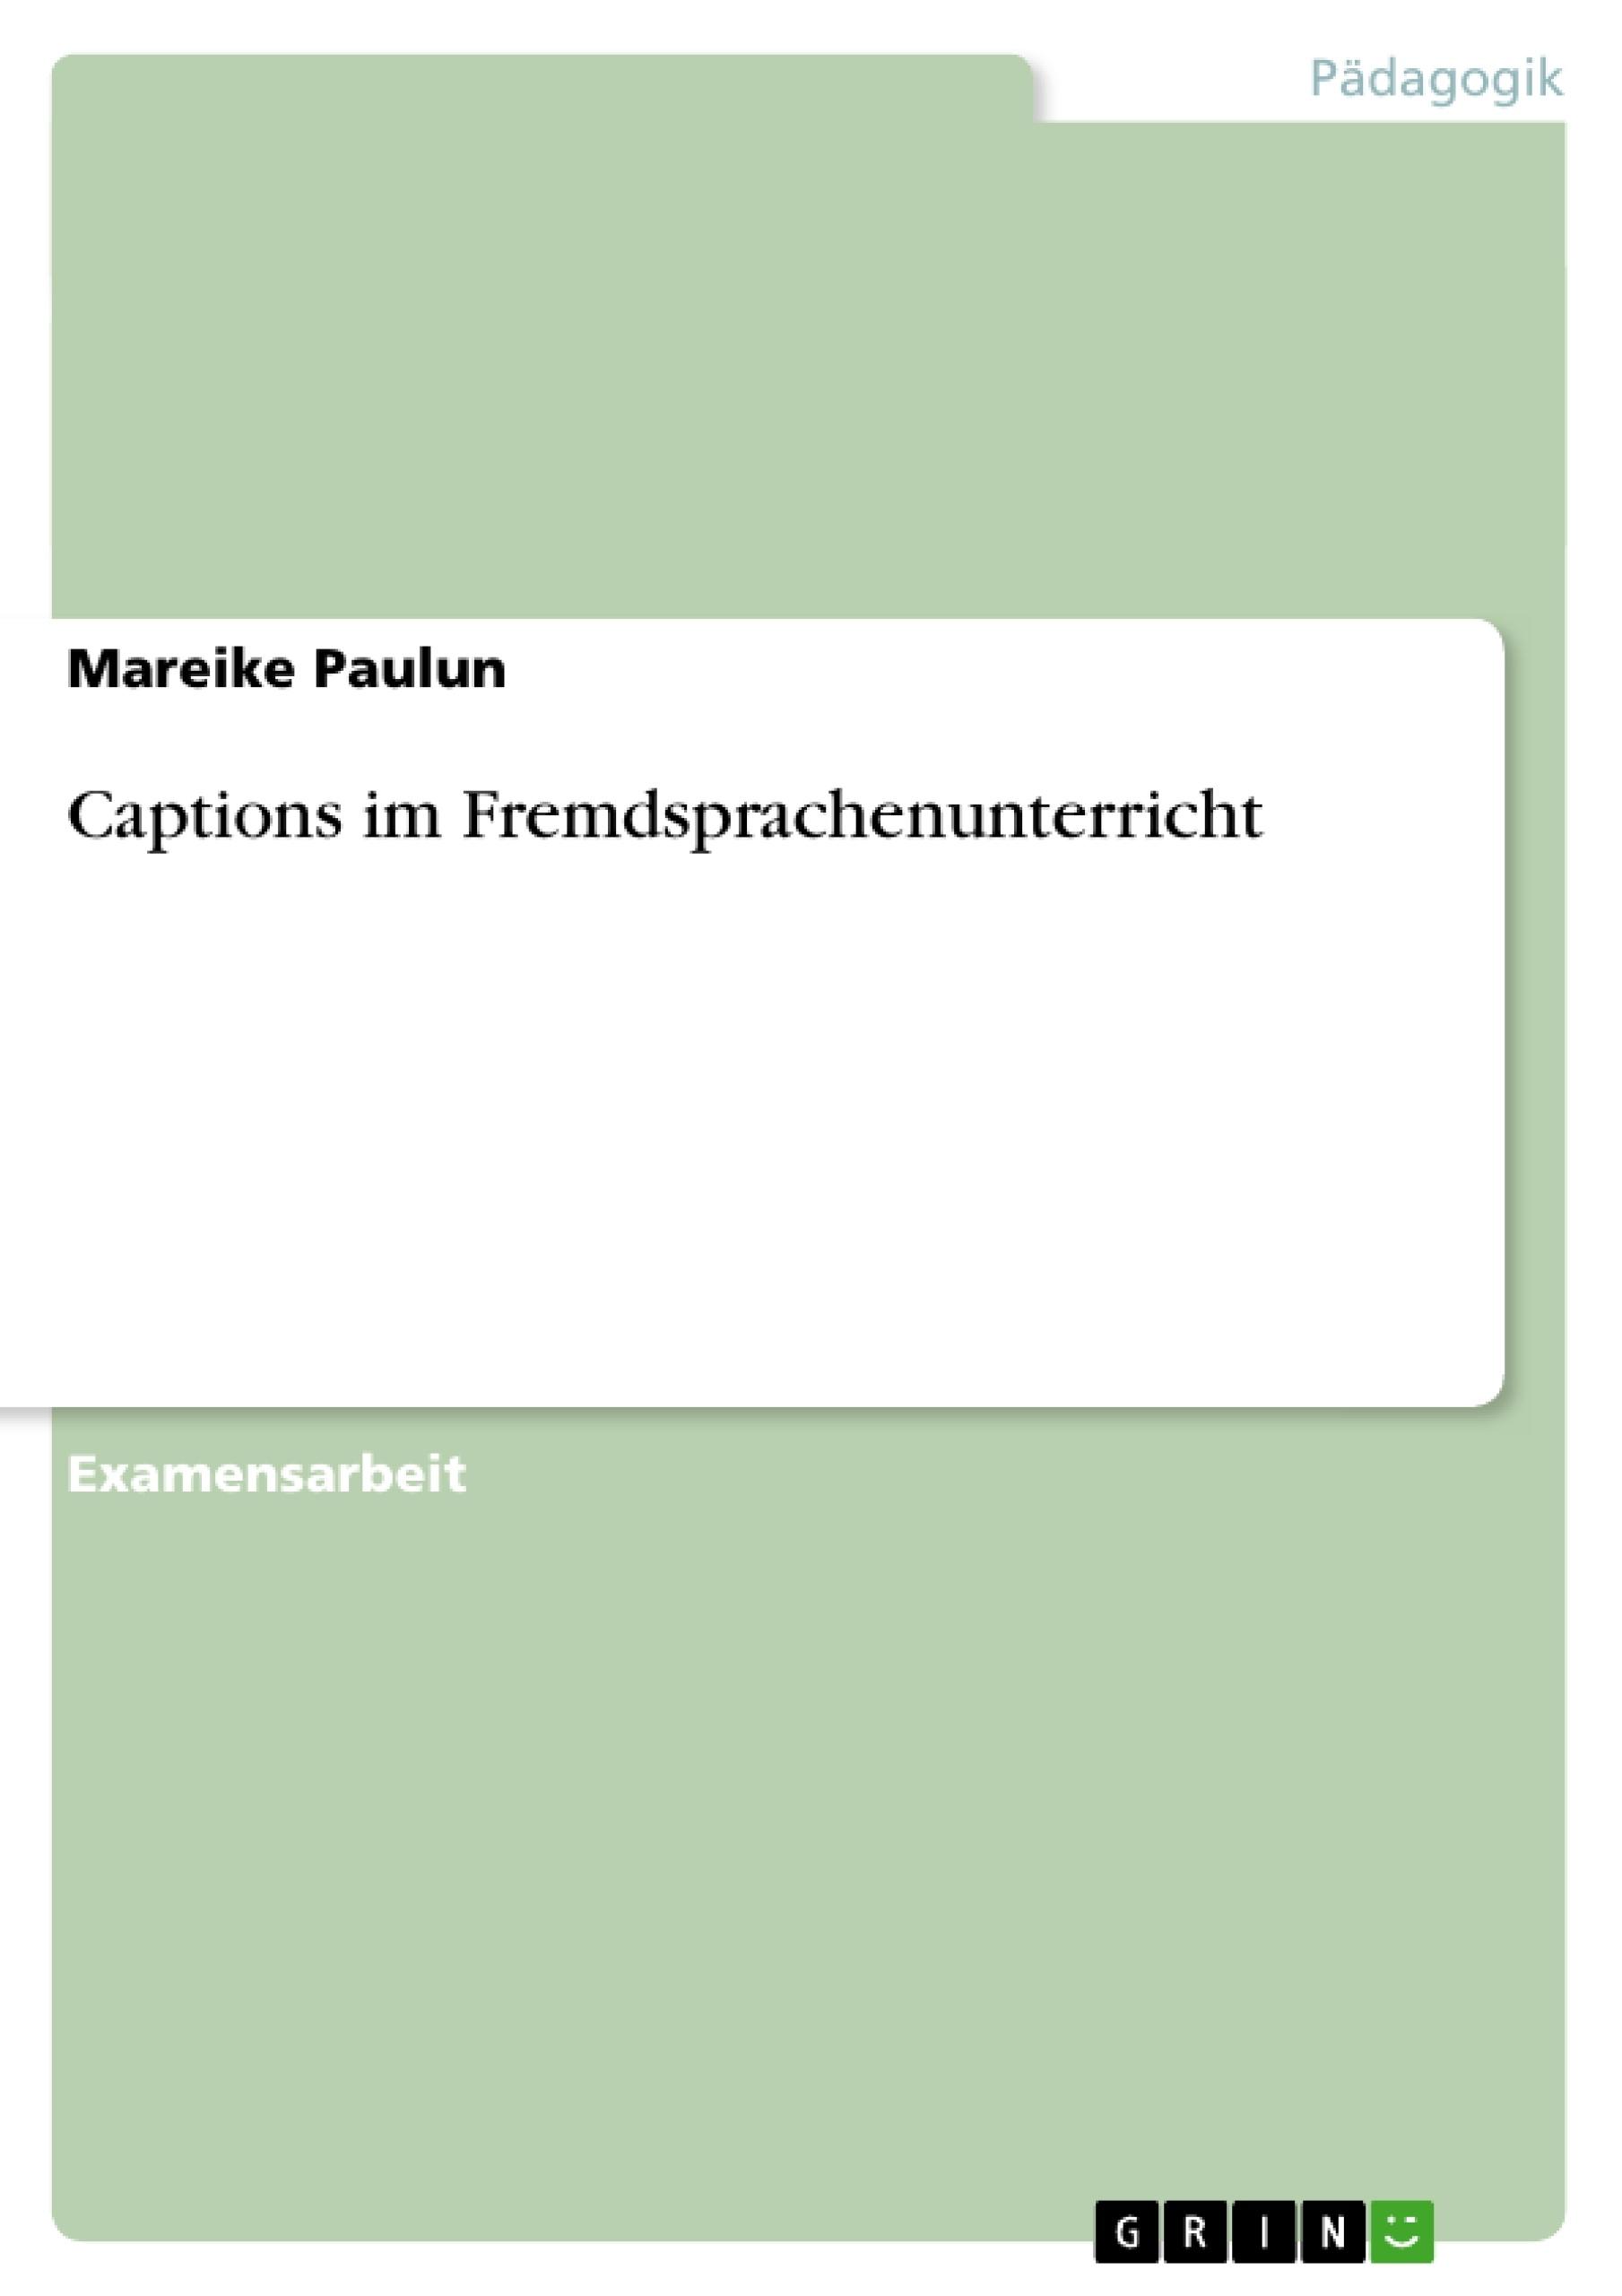 Captions im Fremdsprachenunterricht | Masterarbeit, Hausarbeit ...